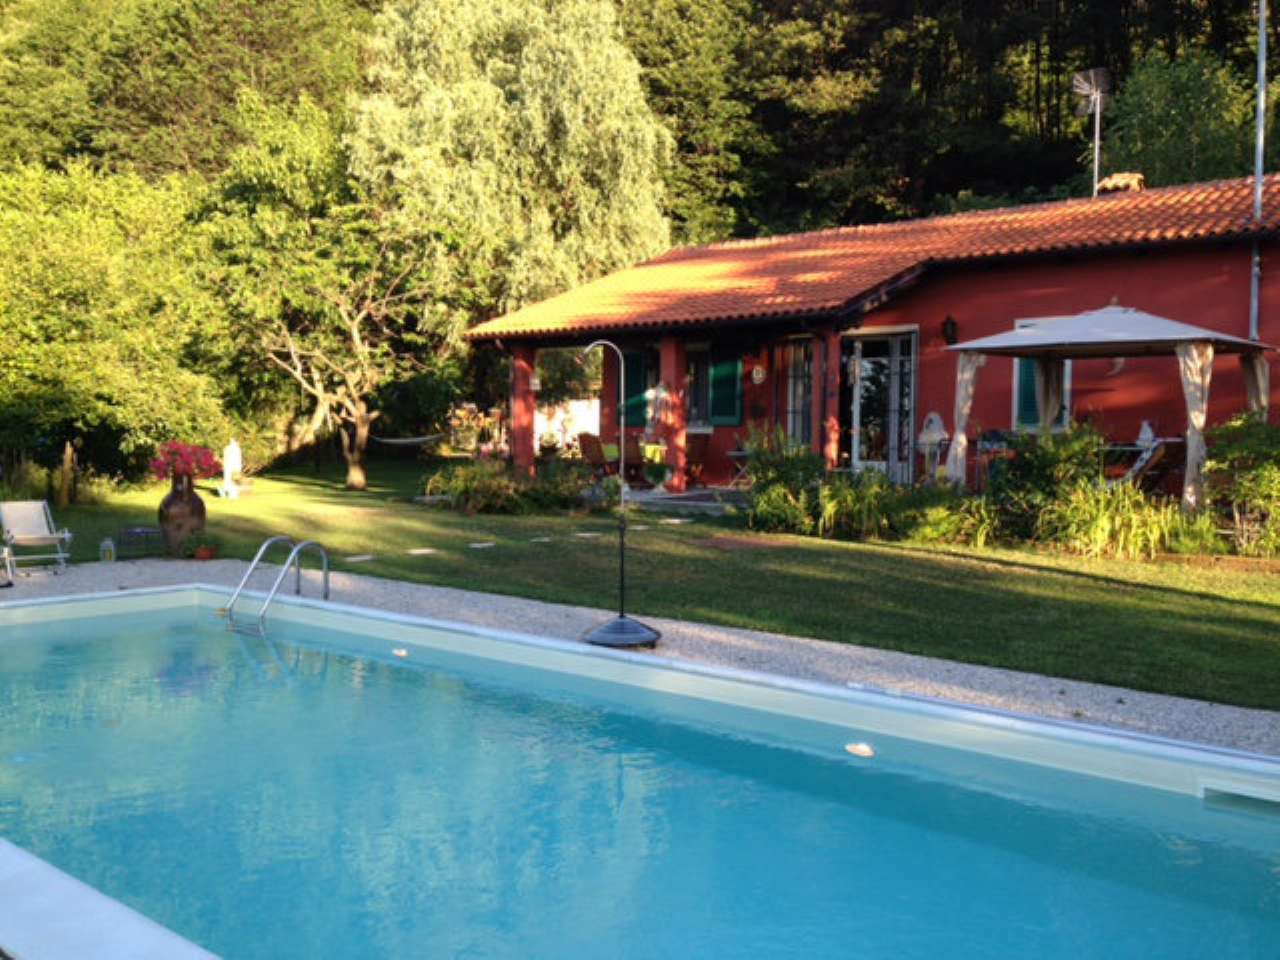 Villa in vendita a Martiniana Po, 4 locali, prezzo € 290.000 | CambioCasa.it